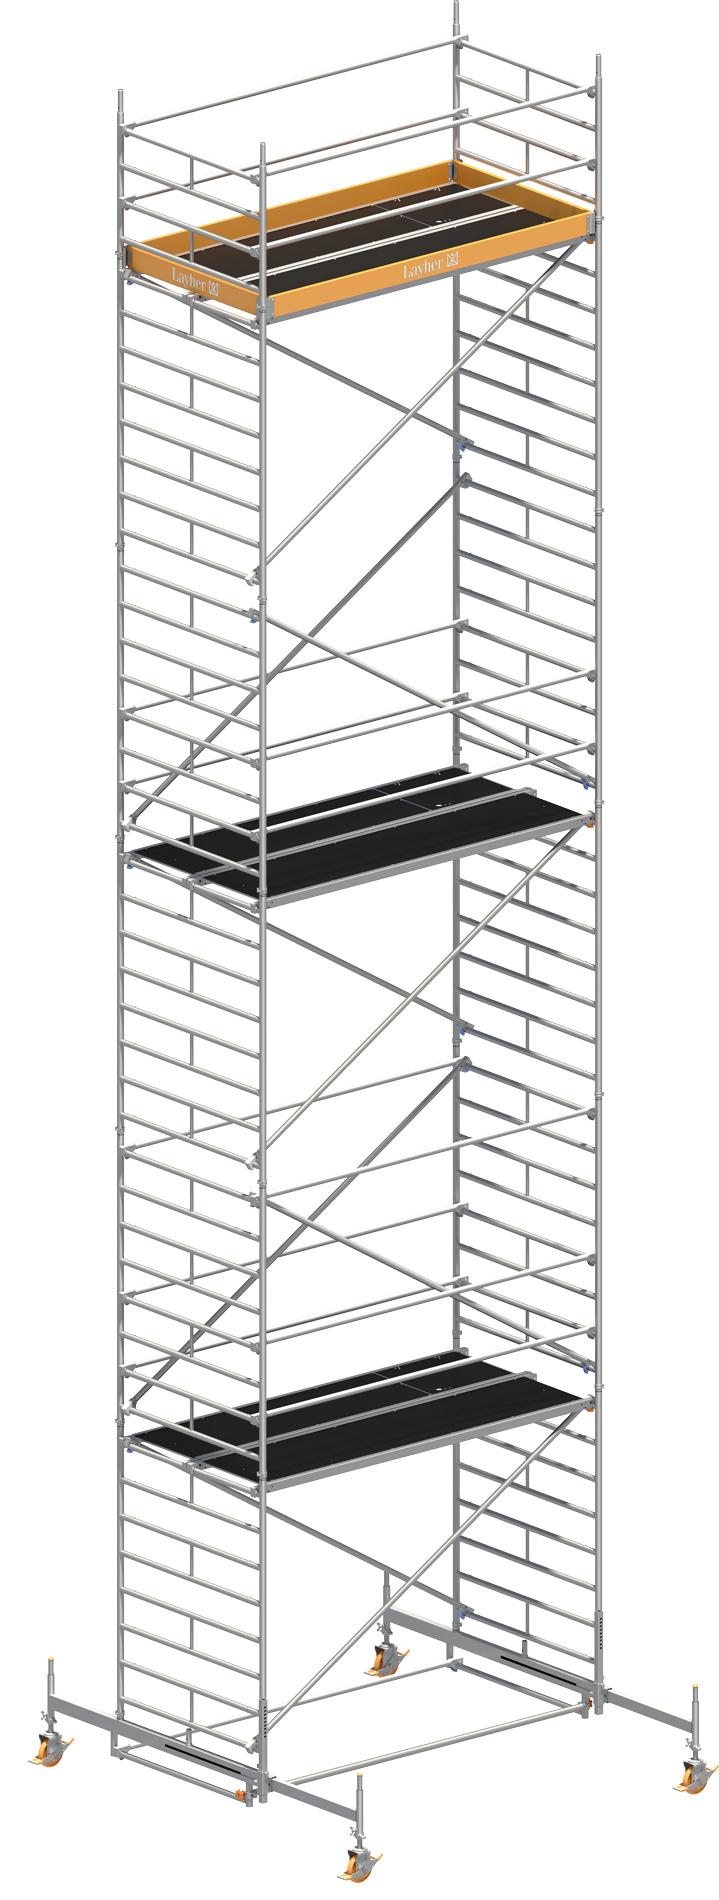 Fahrgerüst Layher Uni Breit 2110 mit Geländer-Optimierung